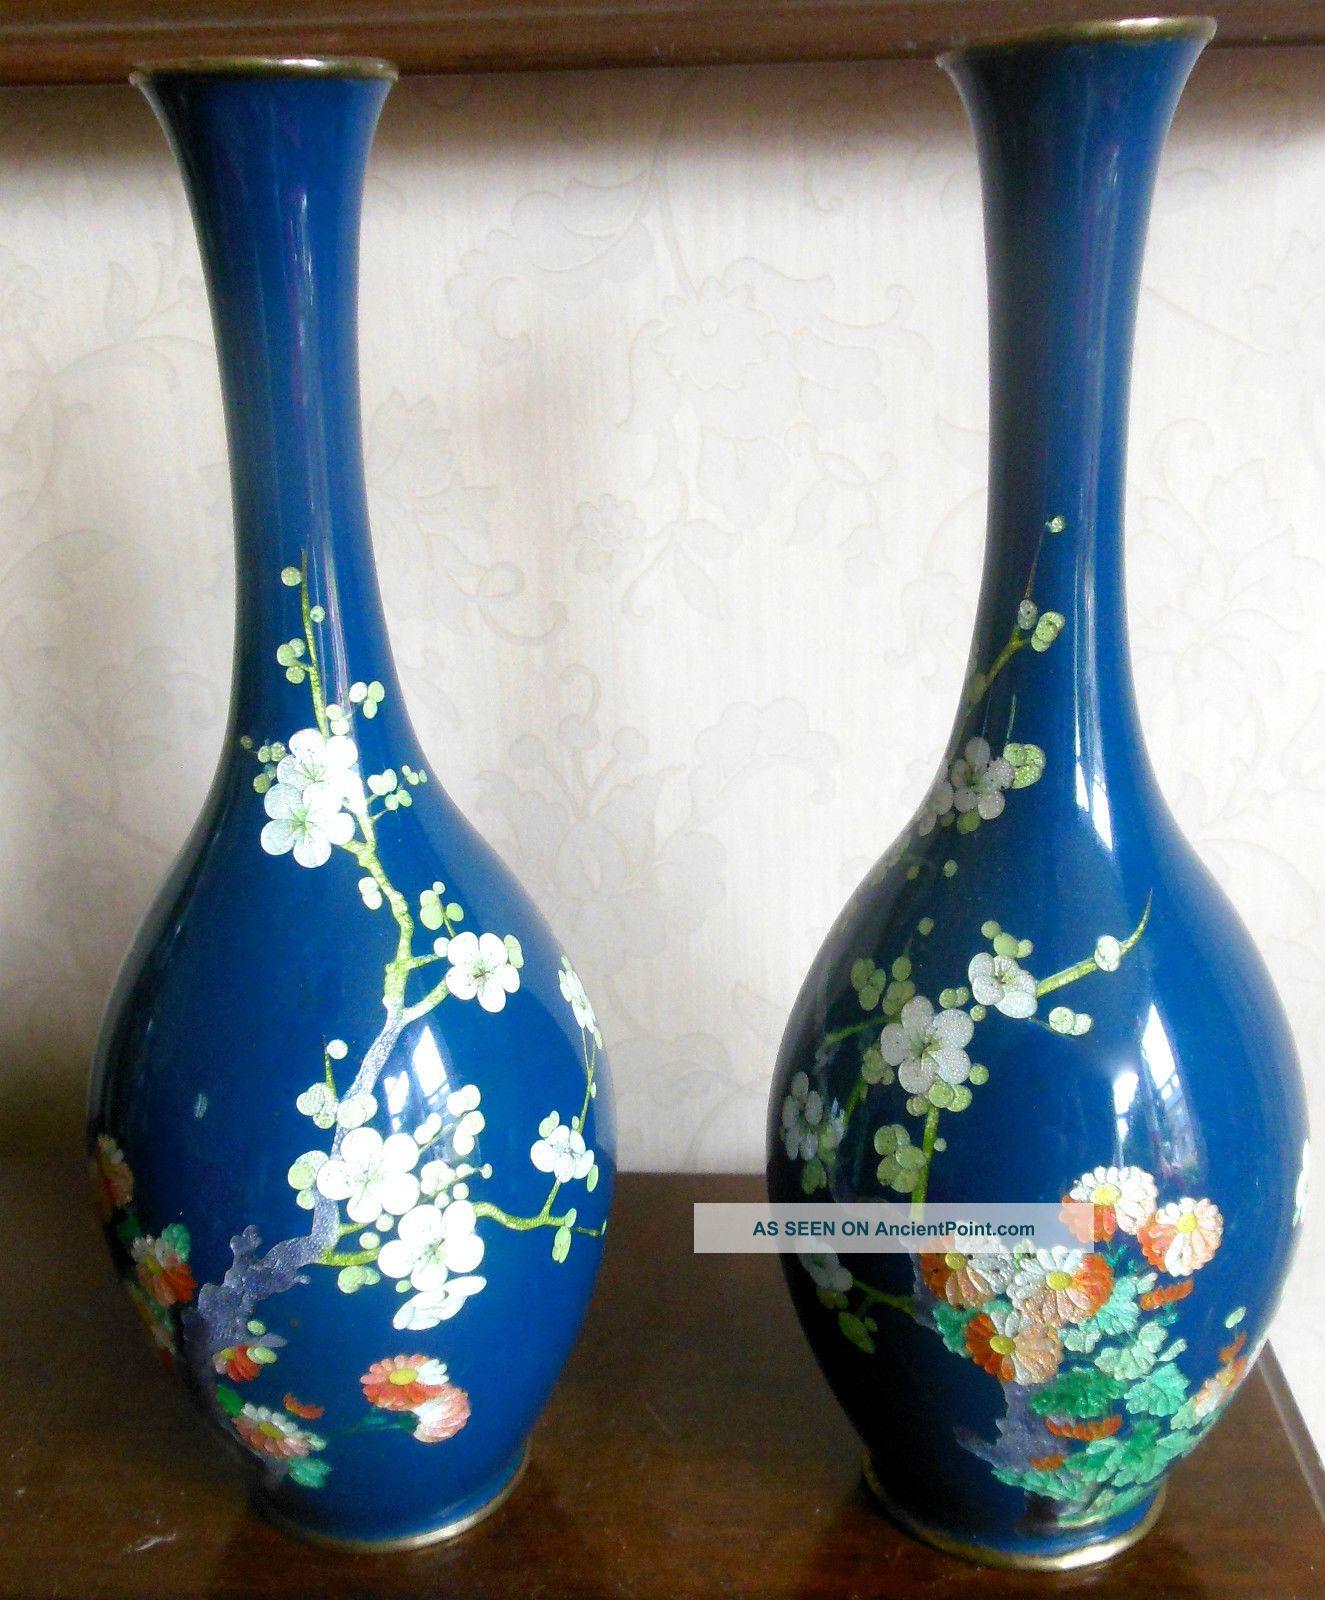 Vintage Japanese Silver Based Cloisonne Vases Cloisonne photo